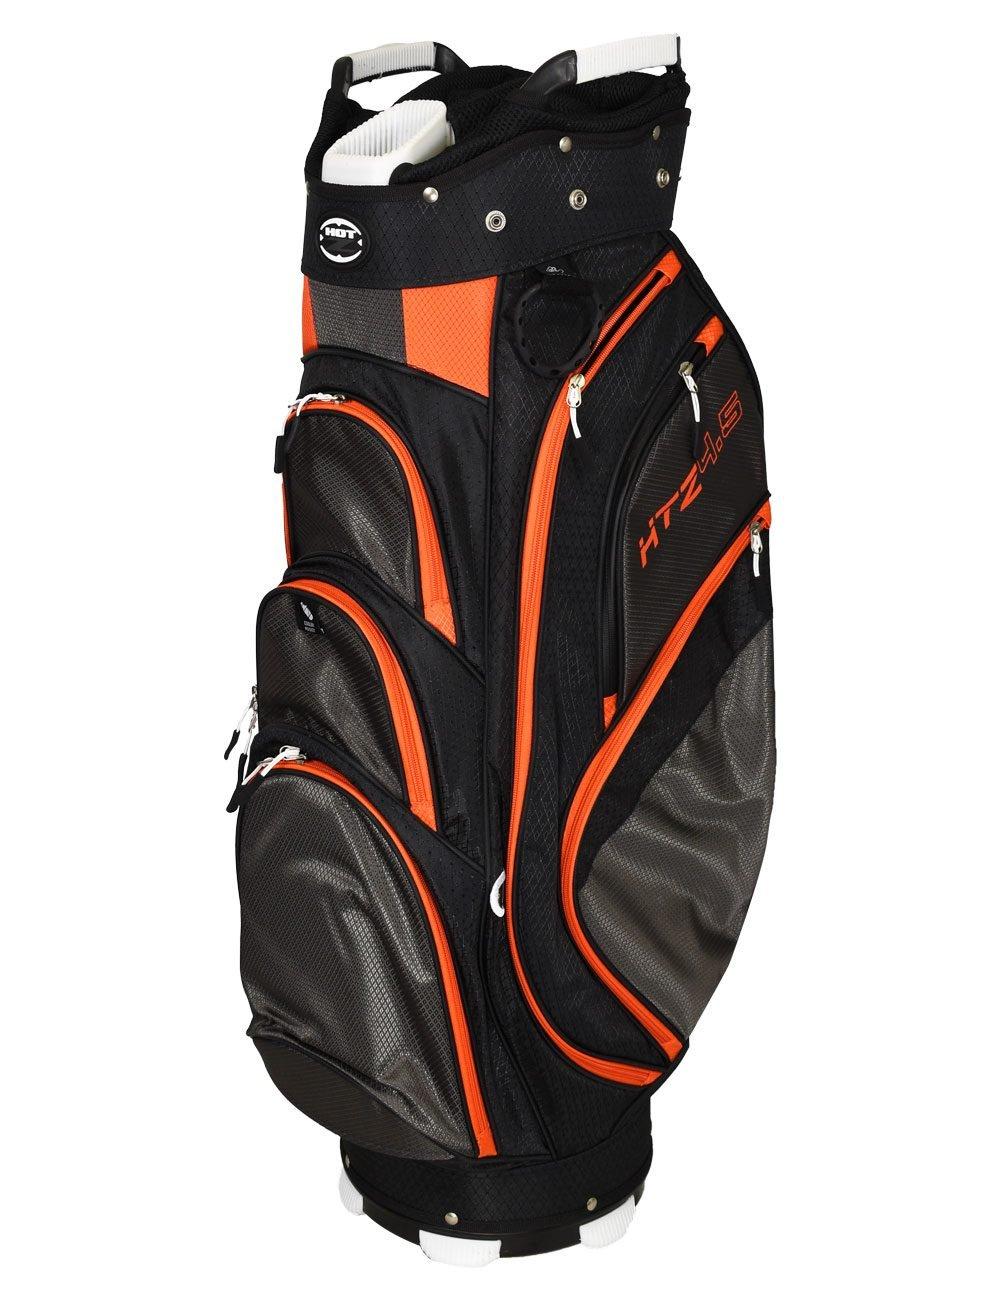 Hot-Z Golf 4.5 Cart Bag